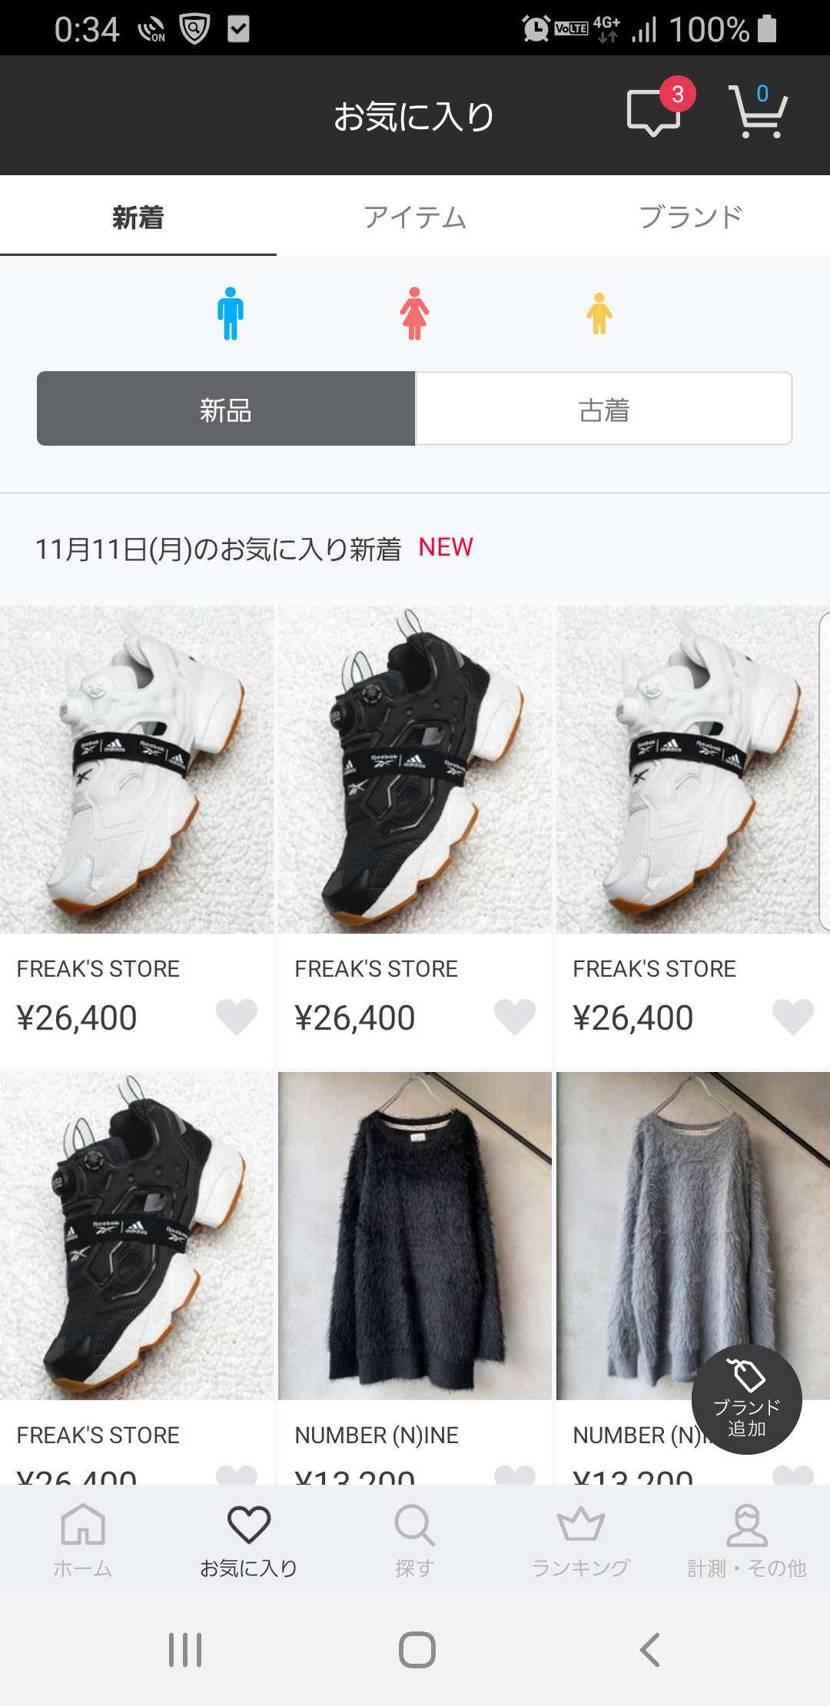 ZOZOTOWNで白と黒買えますね(^-^)✨ #スニーカー